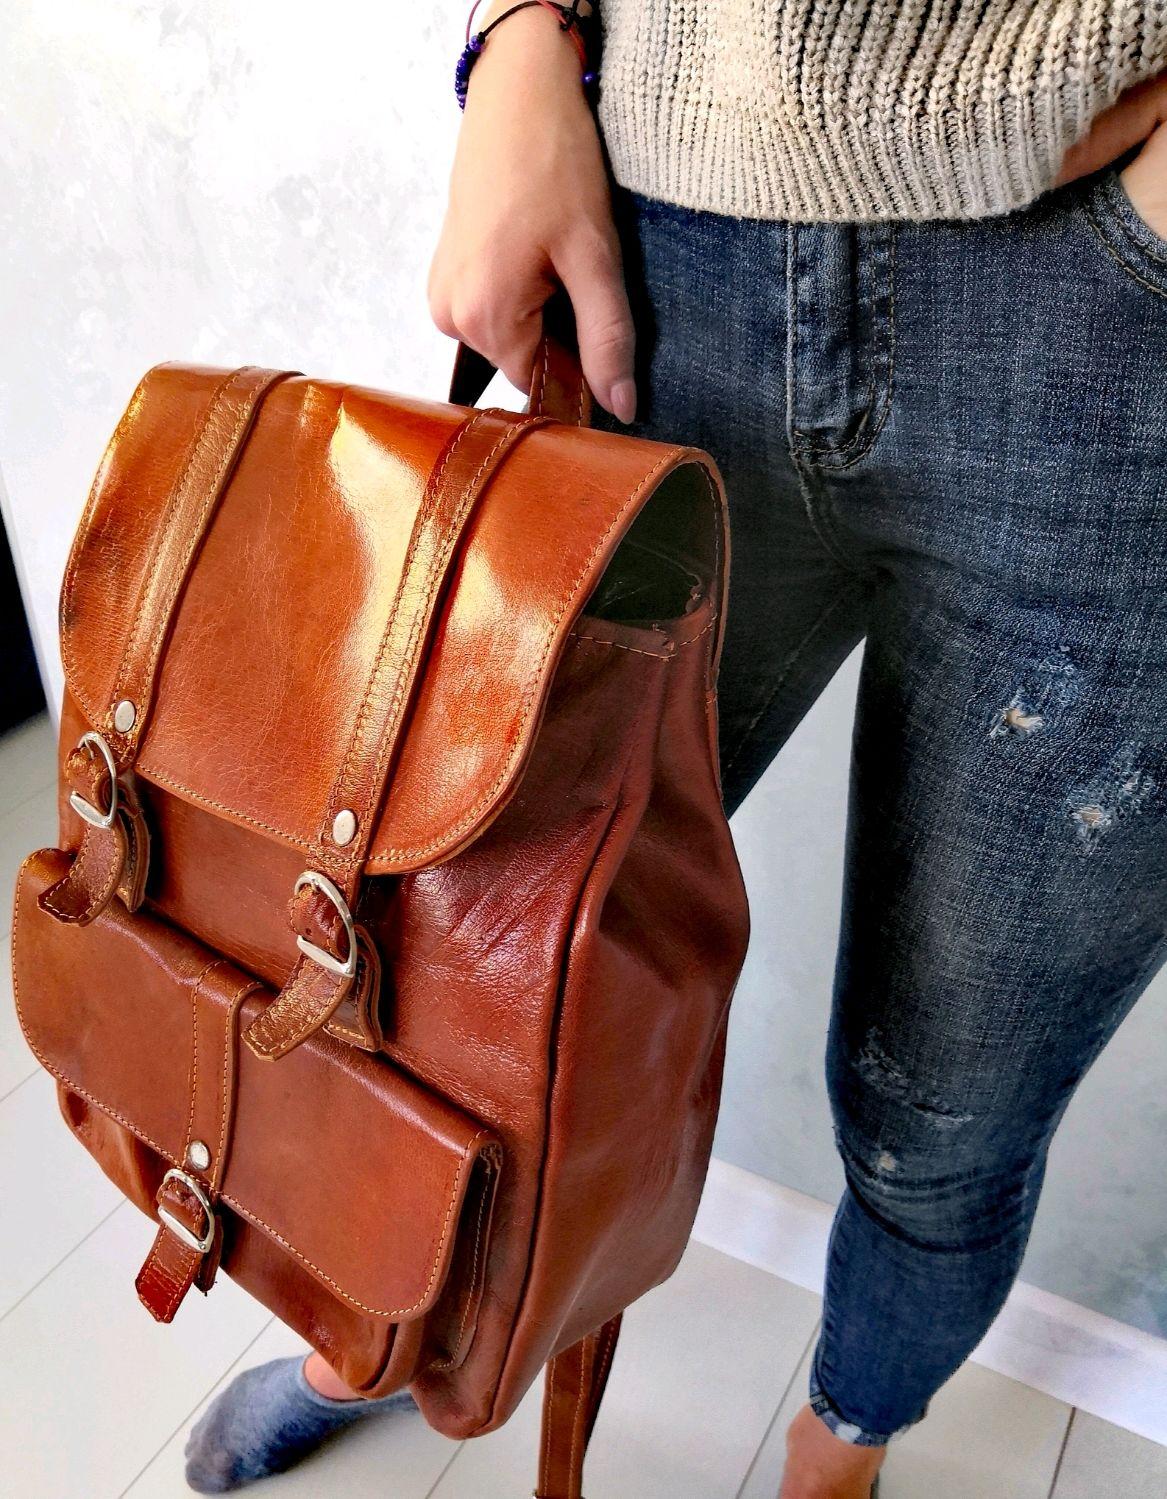 Рюкзак из натуральной кожи верблюда, Рюкзаки, Уфа,  Фото №1